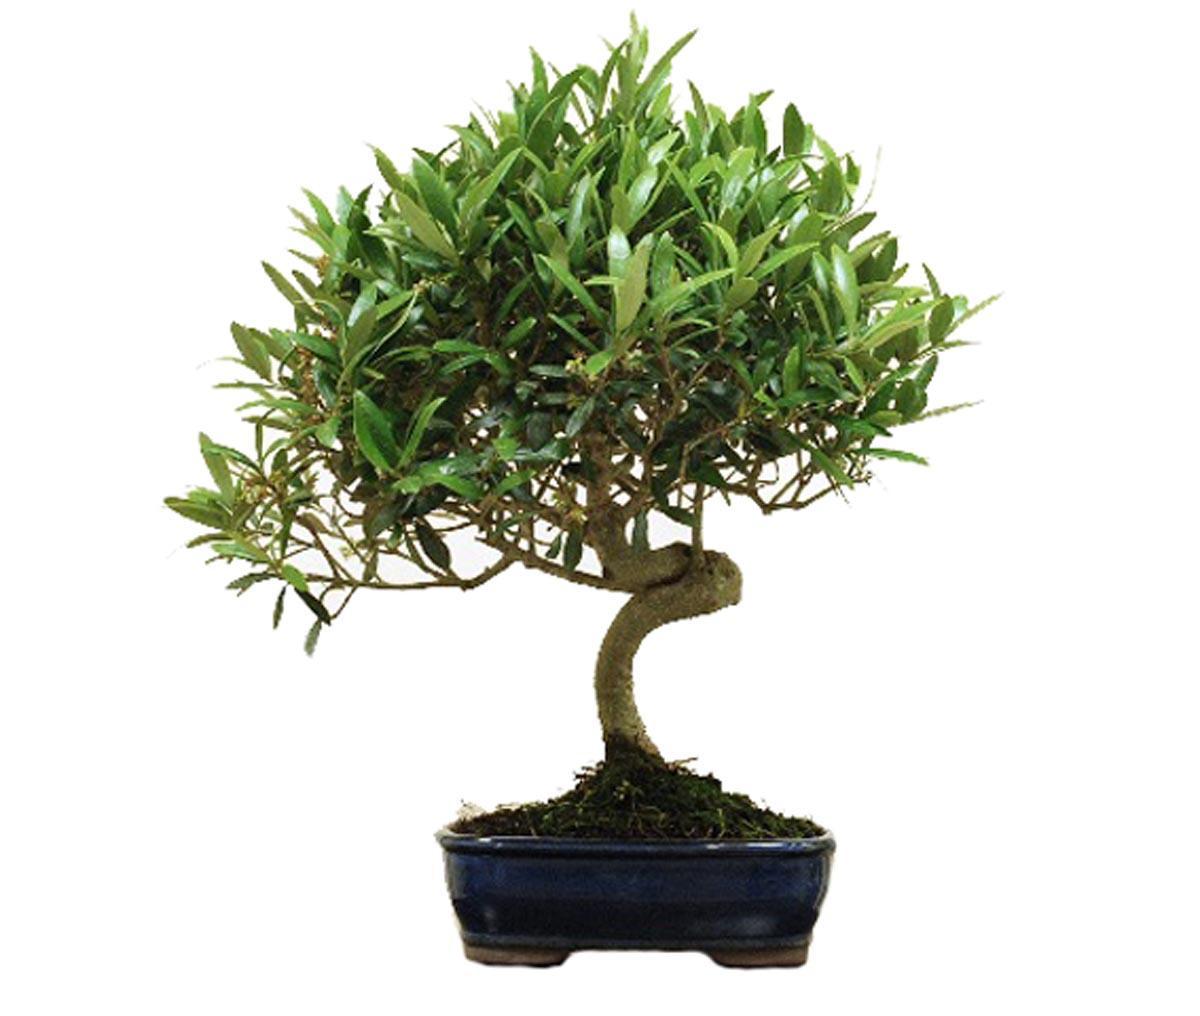 дерево олива уход в домашних условиях фото